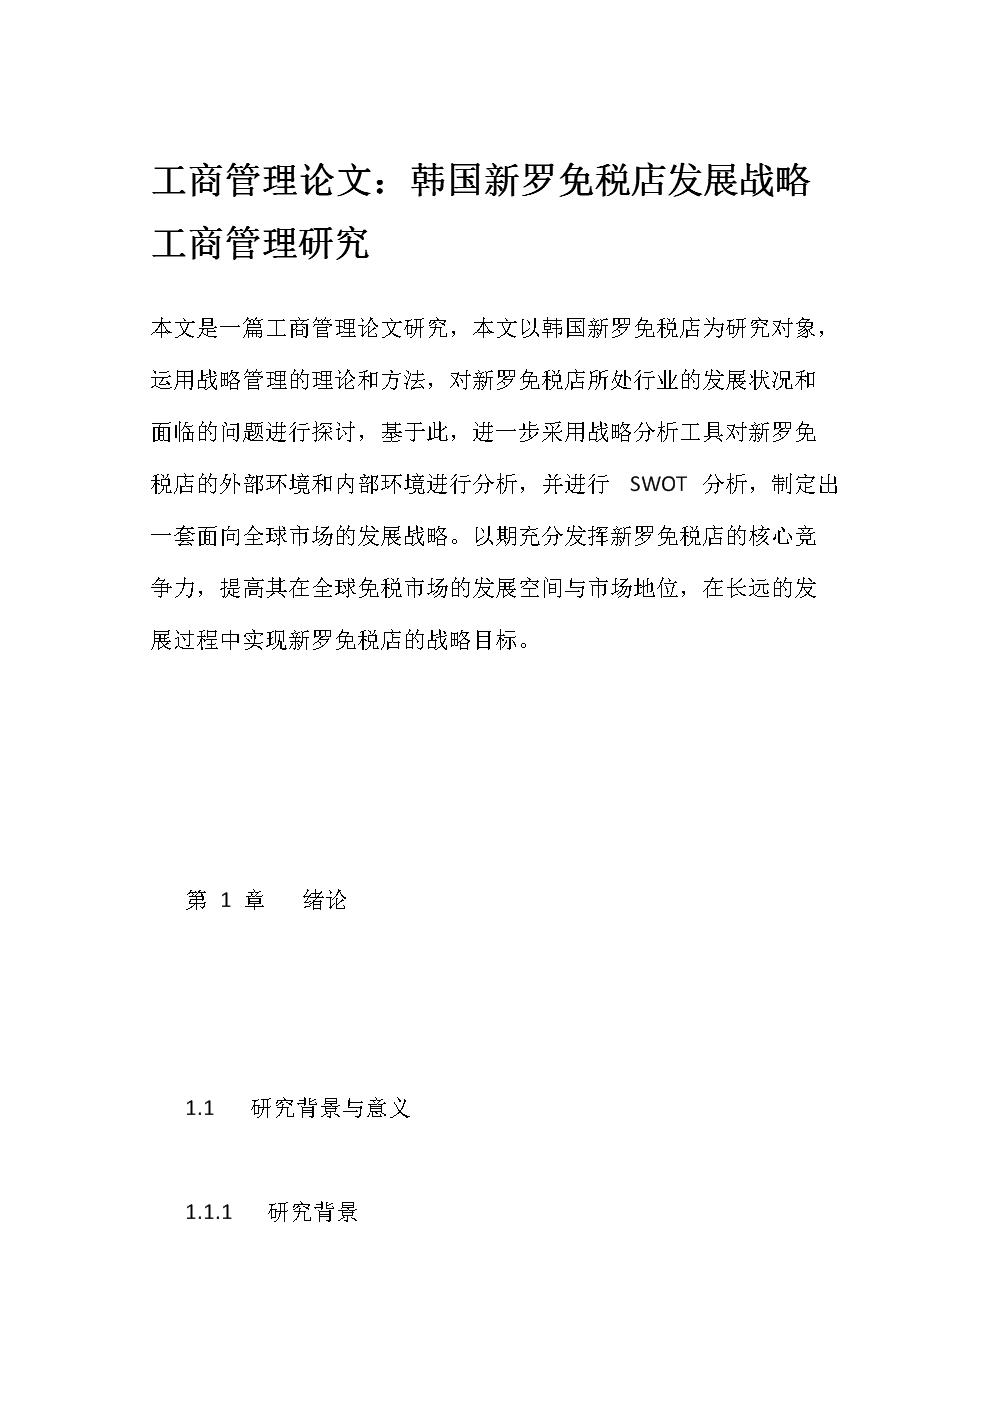 工商管理论文:韩国新罗免税店发展战略工商管理研究.docx